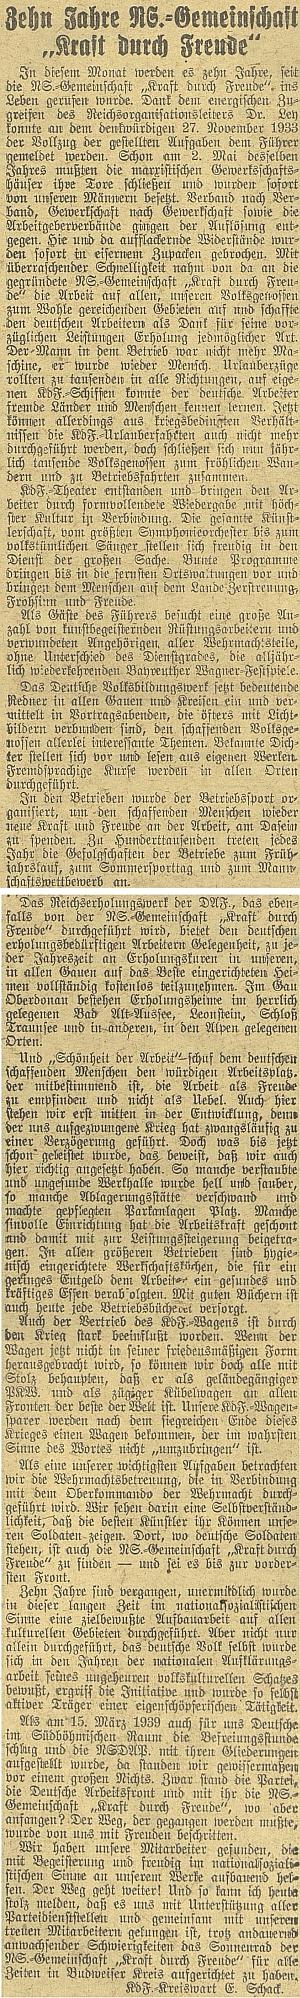 """Jeho článek k 10. výročí """"Kraft durch Freude"""" 1933-1943"""